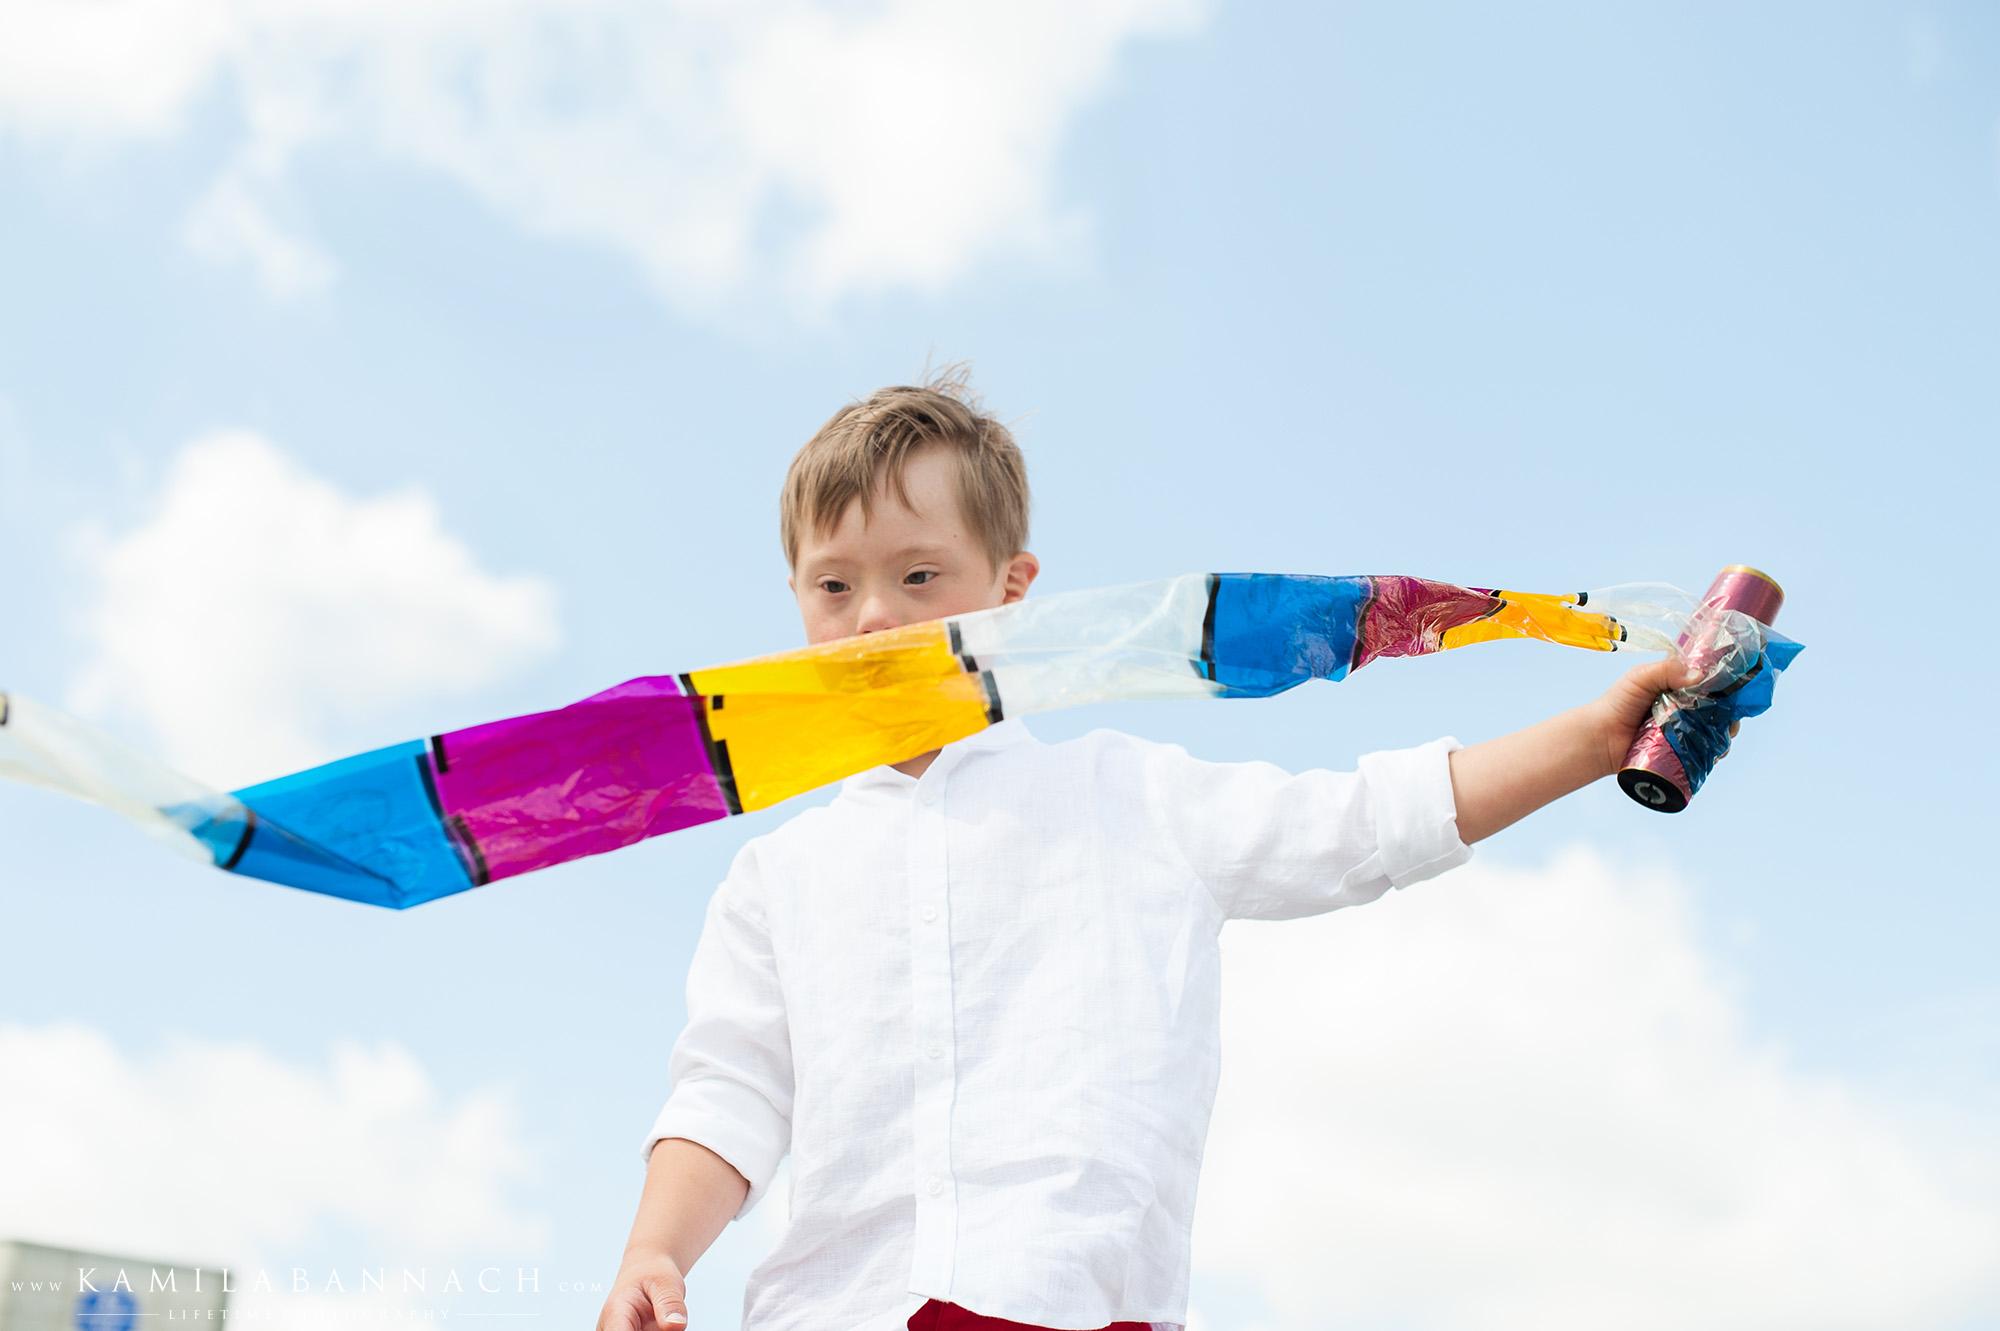 Na zdjęciu widzony jest Maks, ubrany w białą koszulę, bawi się kolorowym szalikiem, który powiewa na wietrze.